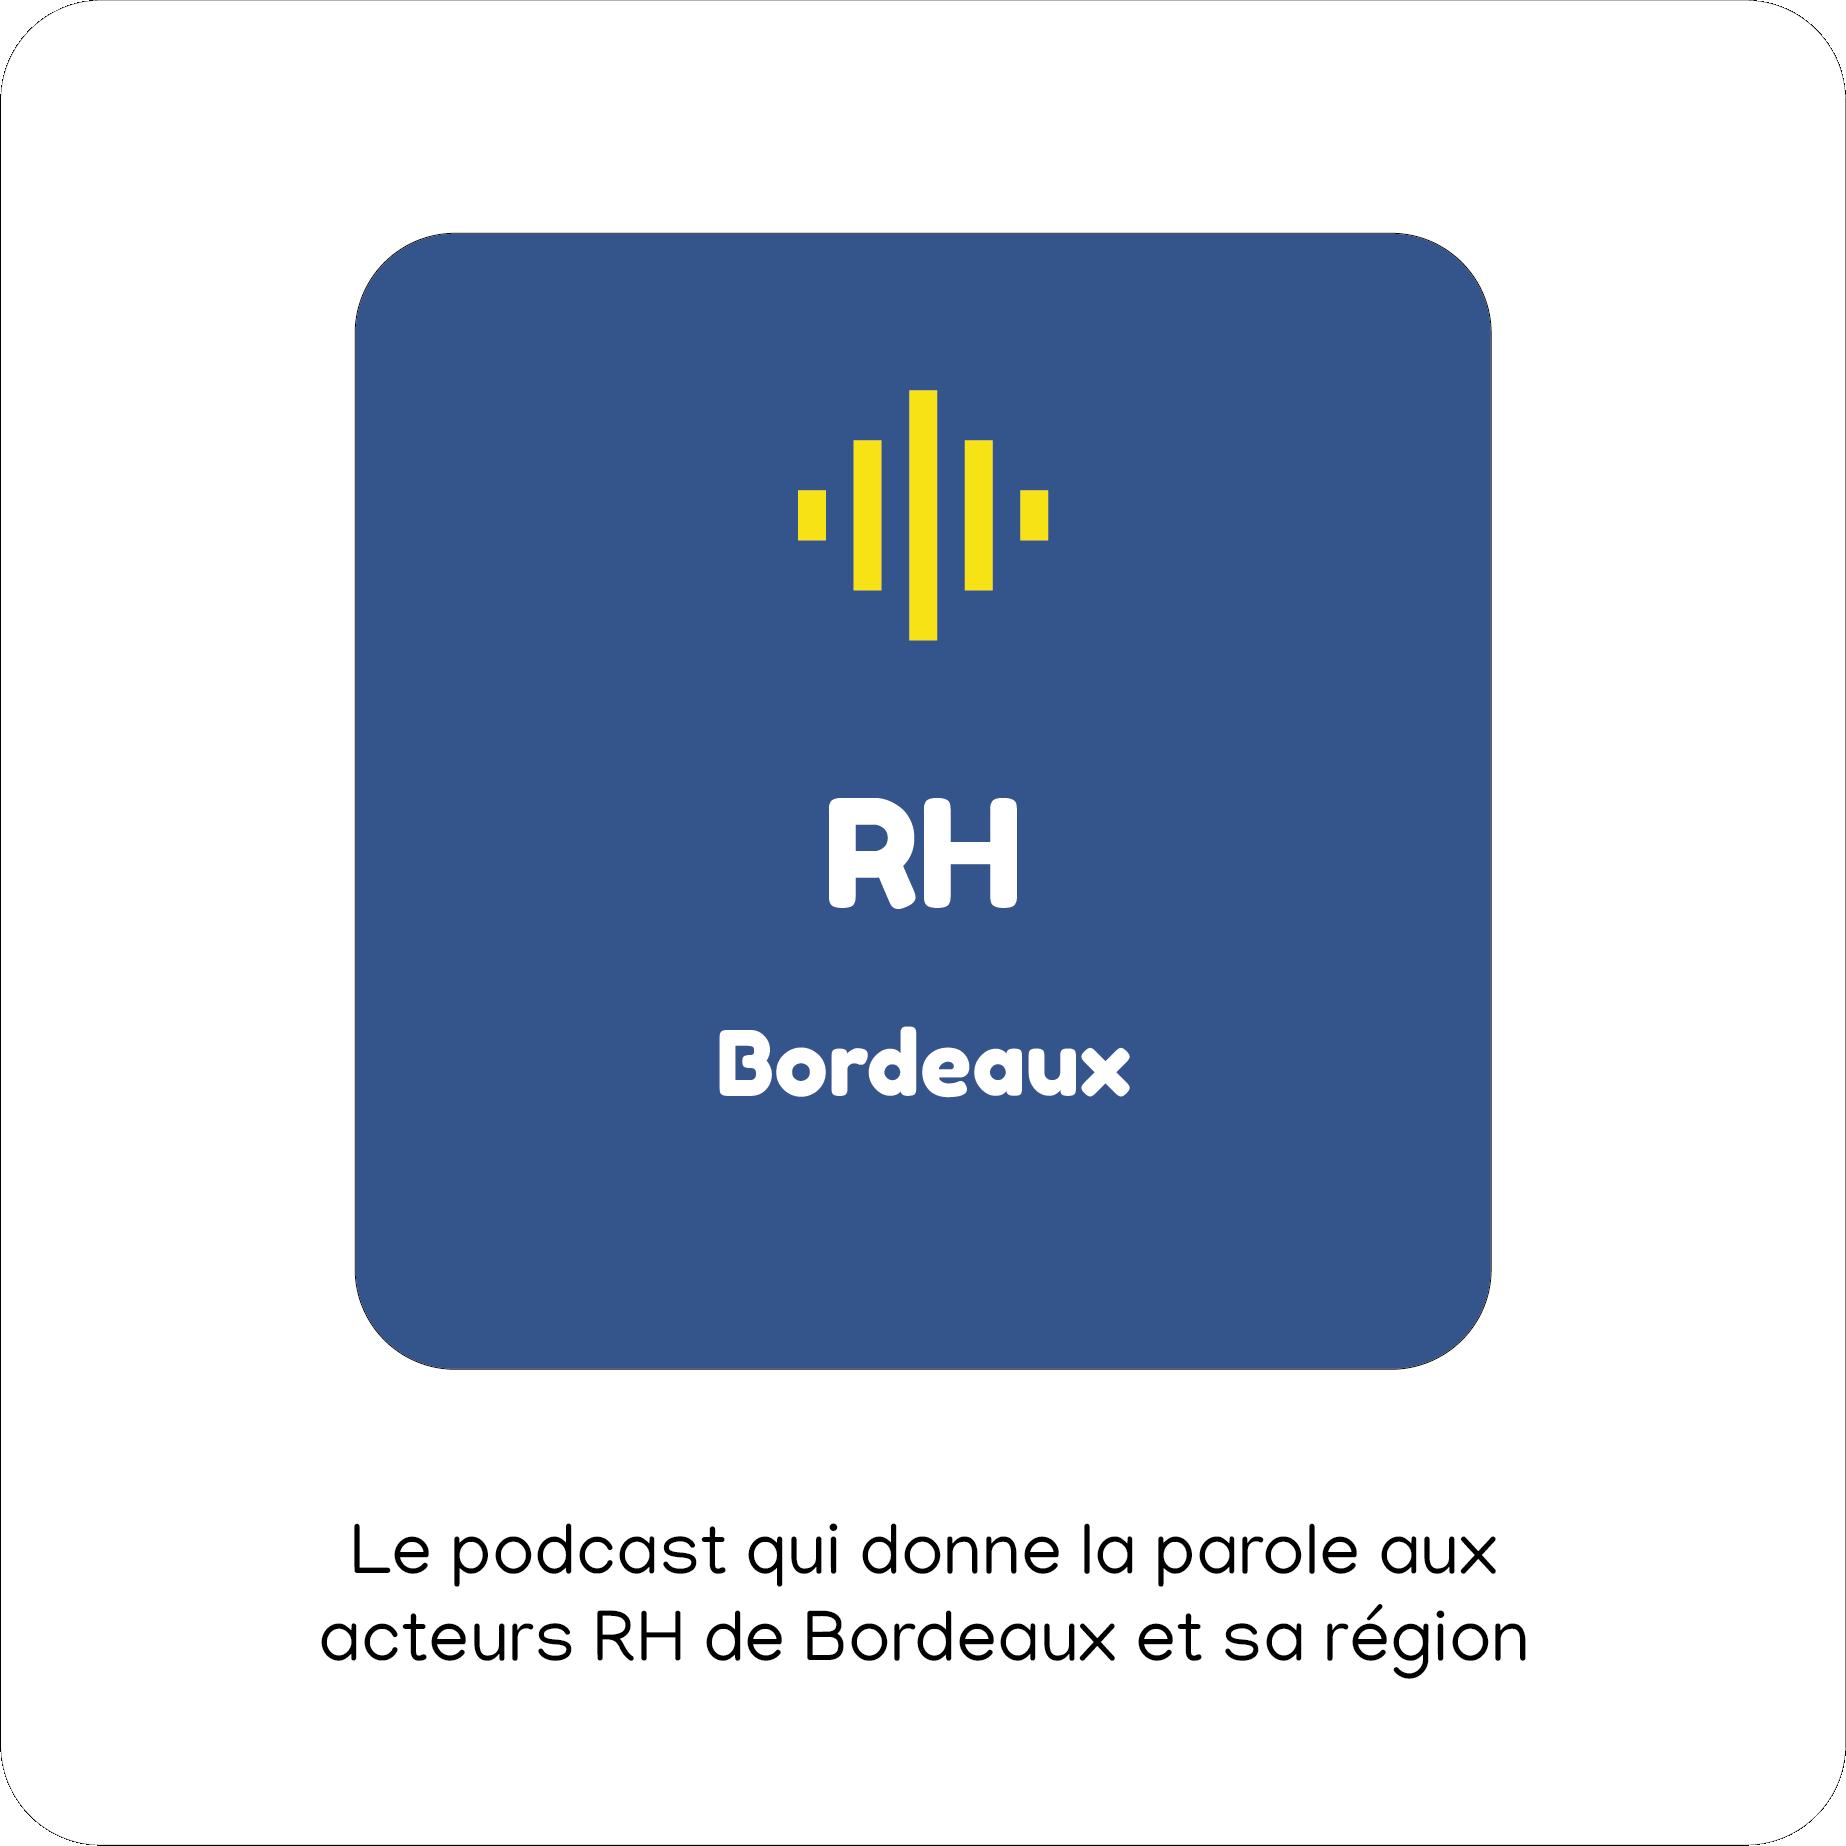 RH Bordeaux